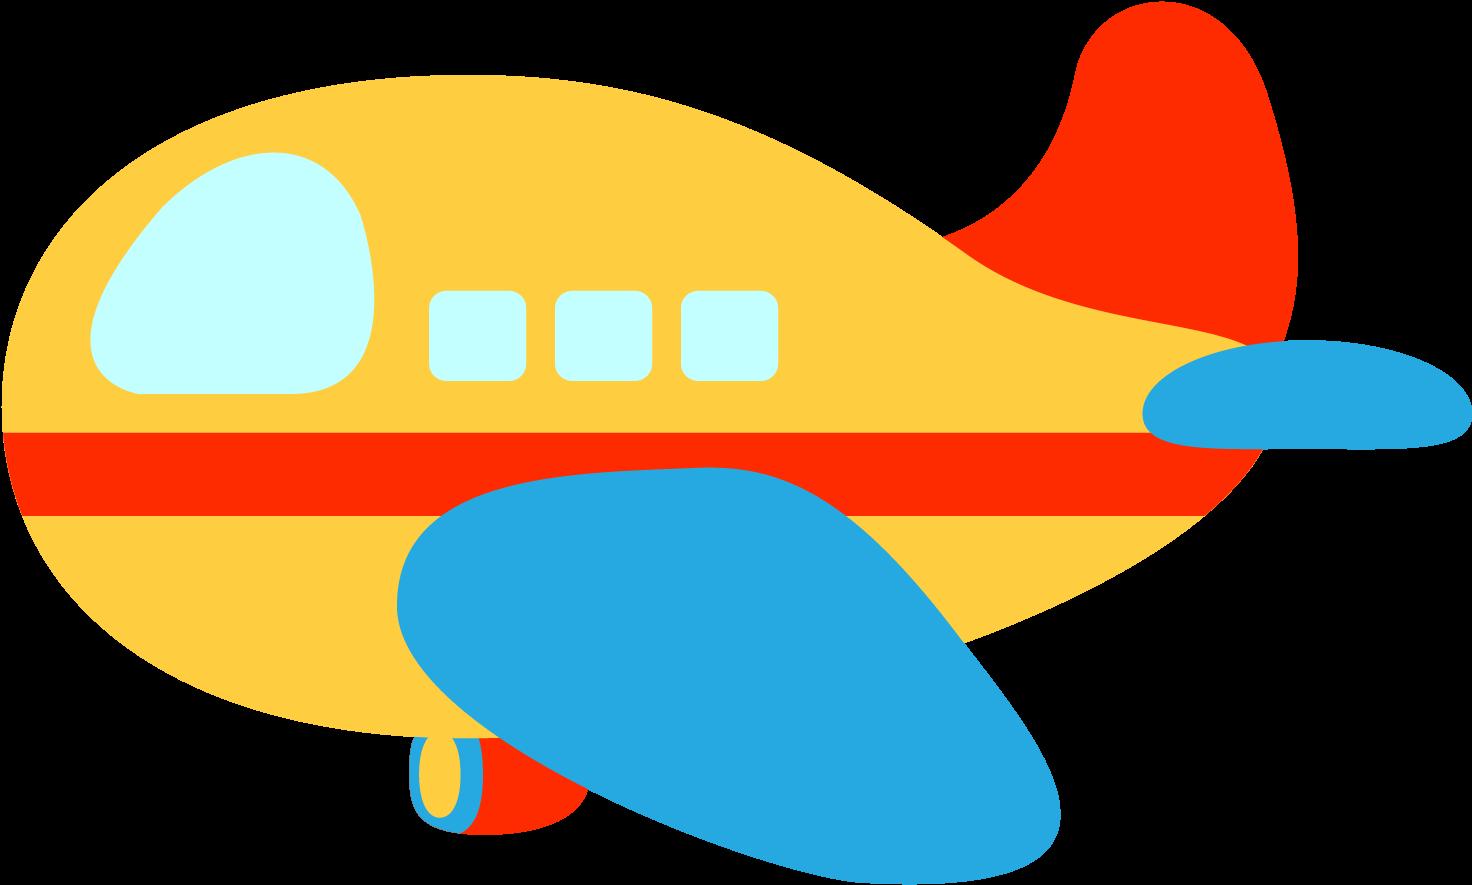 Download Hd De Airplane Gucciguanfangwang Me Meios Transporte Wa